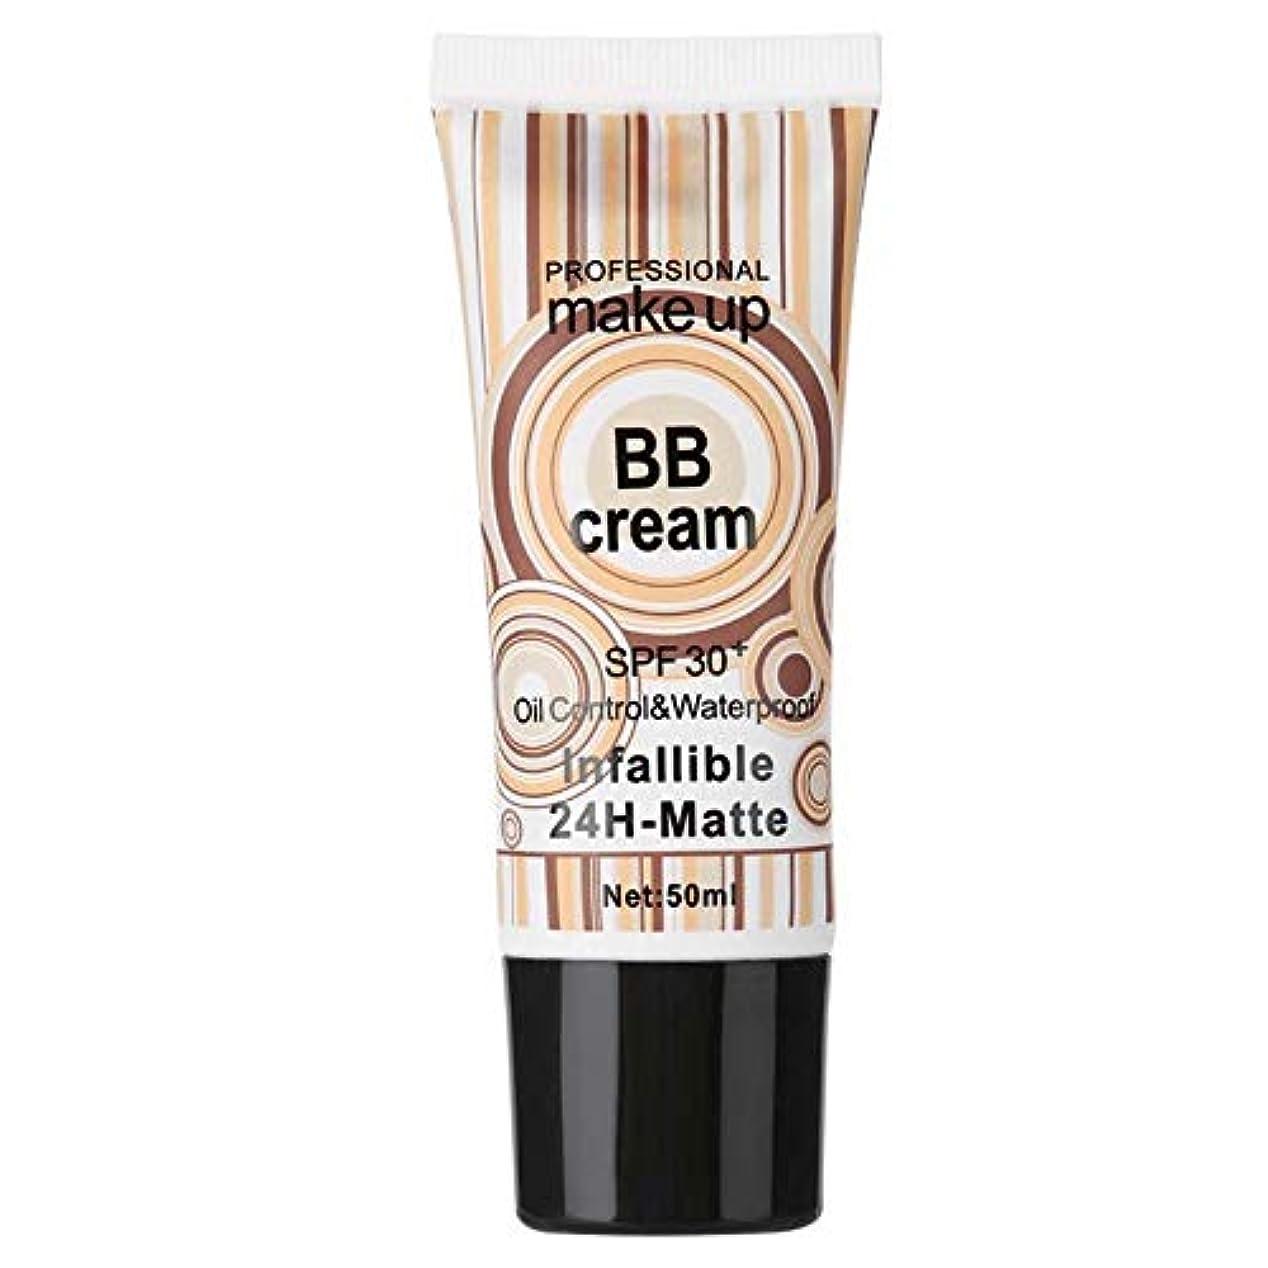 BBクリーム50ミリリットルプライマーベースファンデーション毛穴カバーフェイスプロフェッショナルメイク、保湿完璧なコンシーラー明るくスキンヌードメイク化粧品用uv保護(Natural)